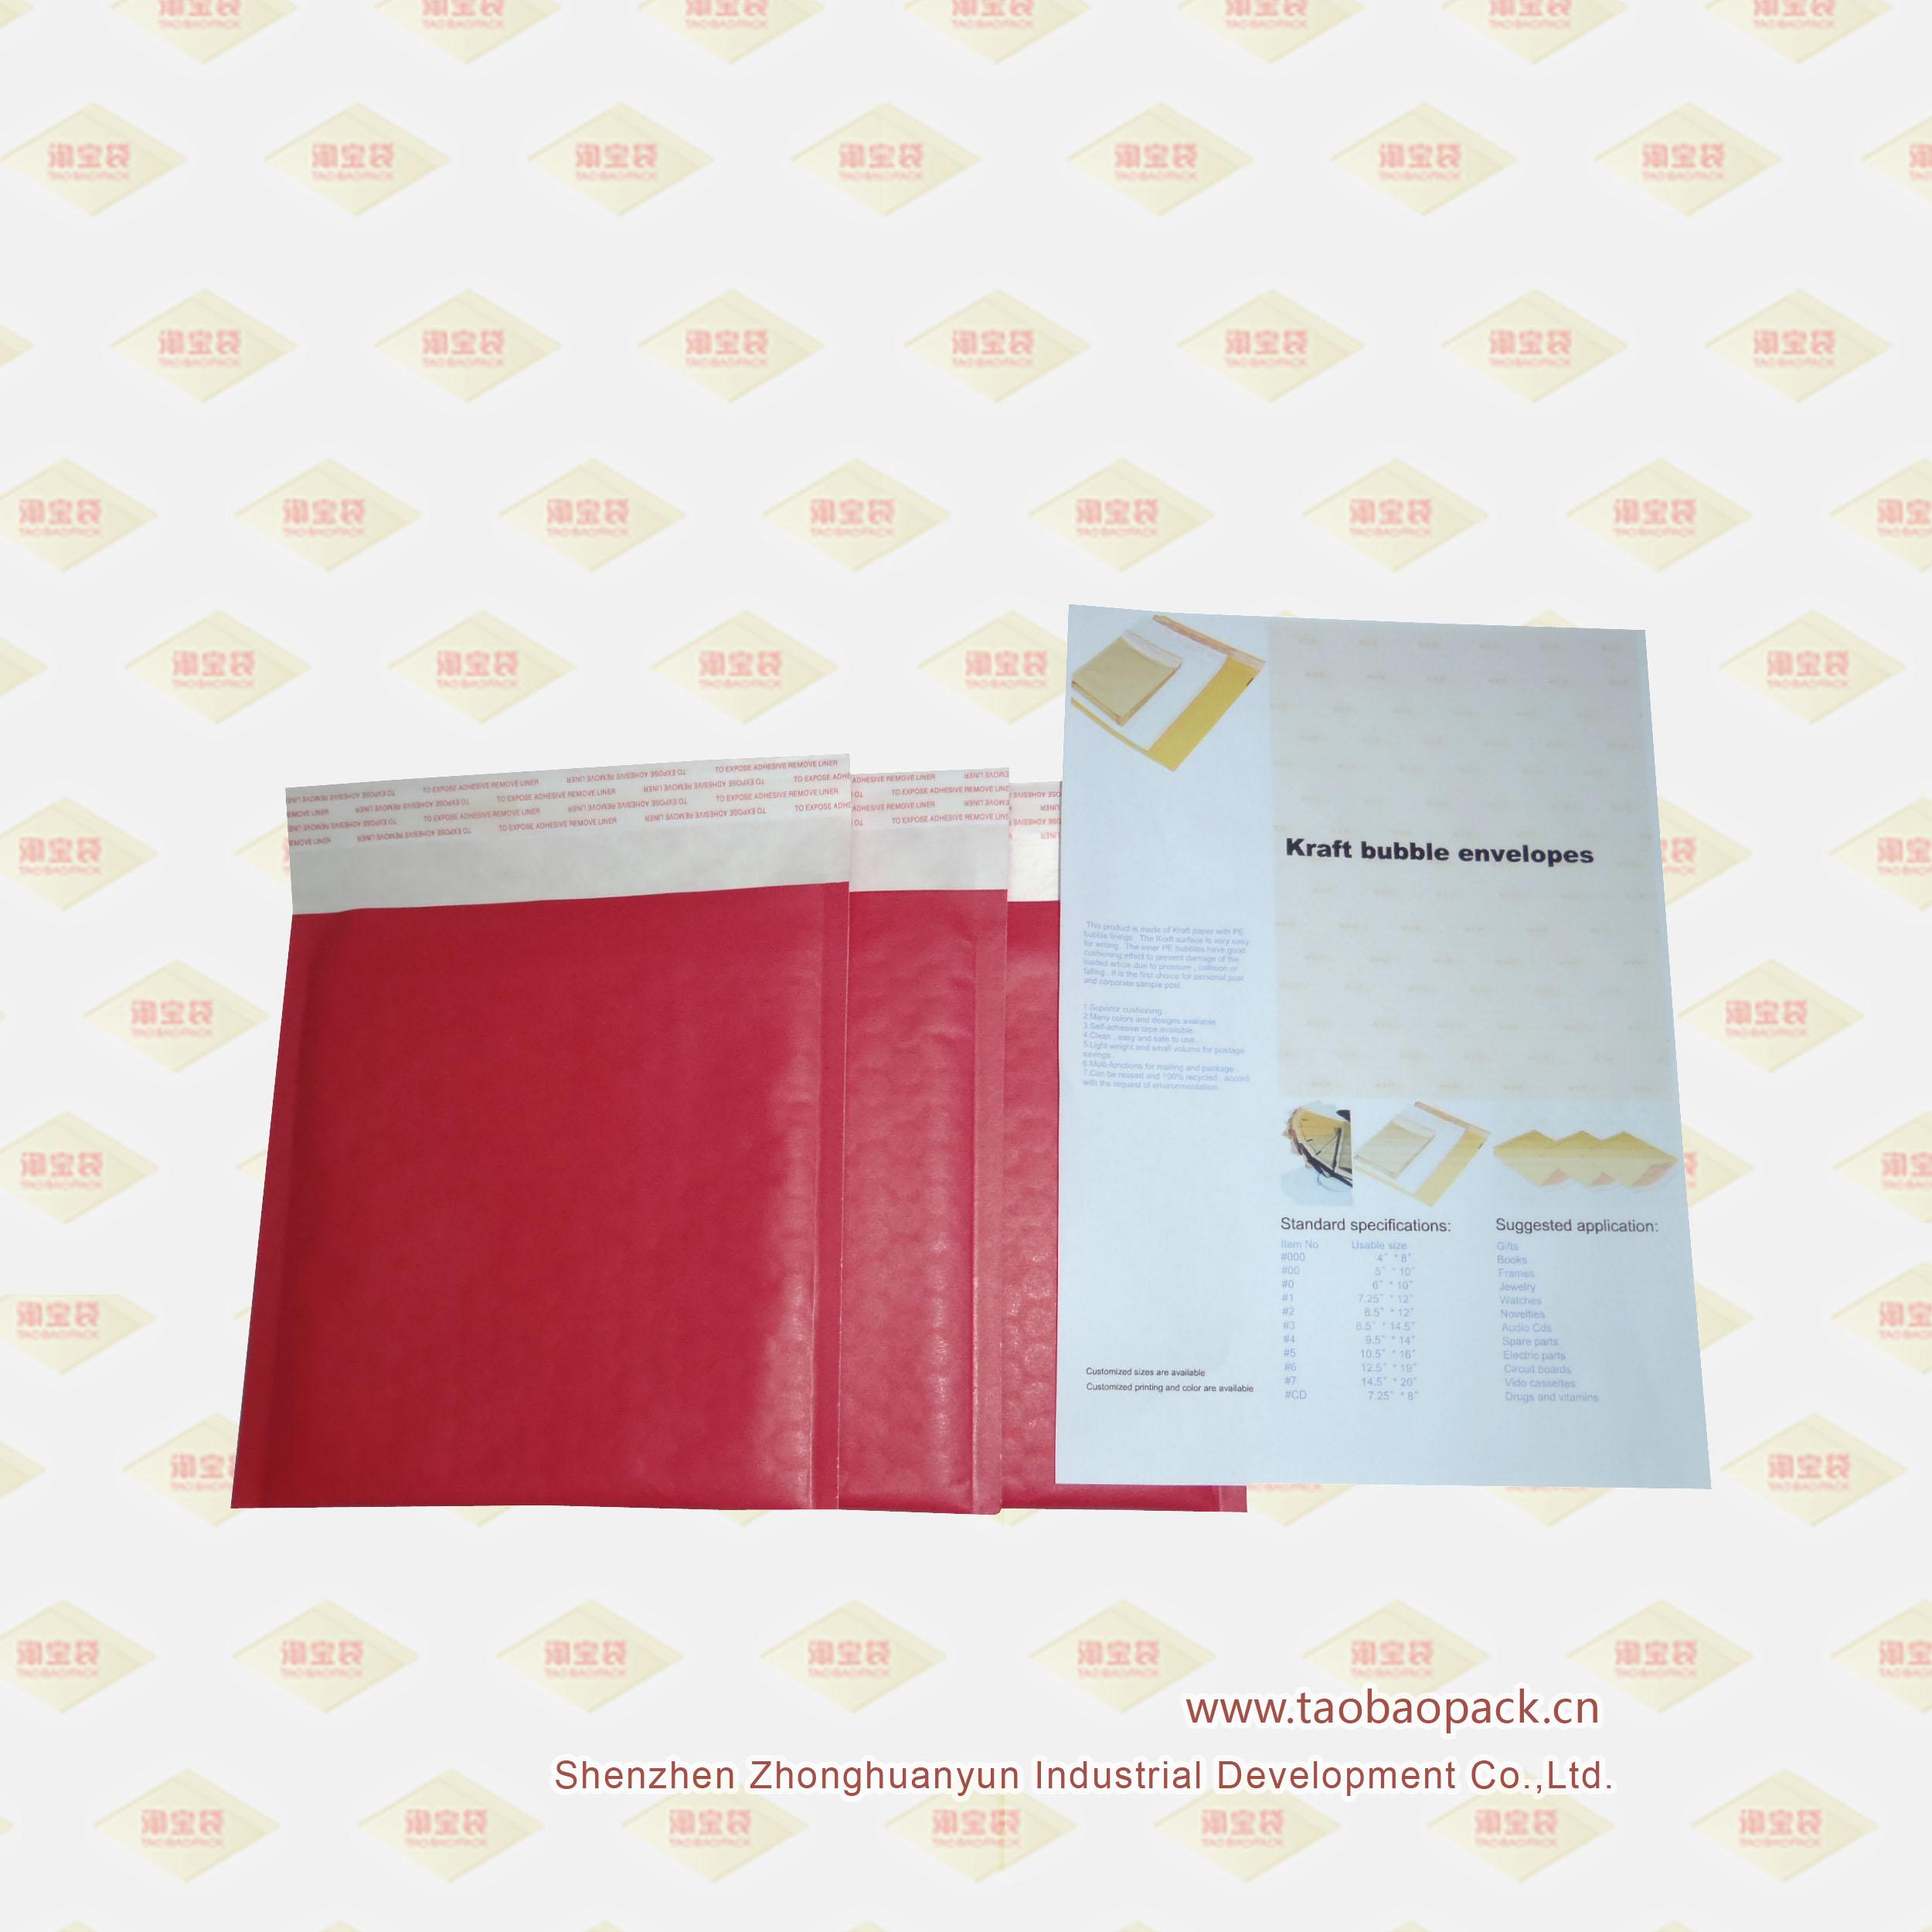 牛皮纸复合气泡衬垫信封袋 该产品具有两层结构,外层为牛皮纸,内衬为气泡膜。袋子美观大方,表面易于书写,具有体积轻又环保的优点。其独特的韧性可防止袋子破裂,可防止内装物品因压、碰、跌落而损坏。 l 气泡衬垫式邮寄信封专用于航空、海运的多用化外包装; l 多种颜色可满足不同客户的需求和喜好; l 塑料膜和气泡膜的复合加固了整个运输过程中的抗冲能力,具有防潮、防震等功能; l 光滑的气珠衬垫保护内层利于物品的放入; l 自封贴口设计安全可靠,可在封面直接书写或印刷; l 环保,可回收再利用。 适用于:用途:广泛